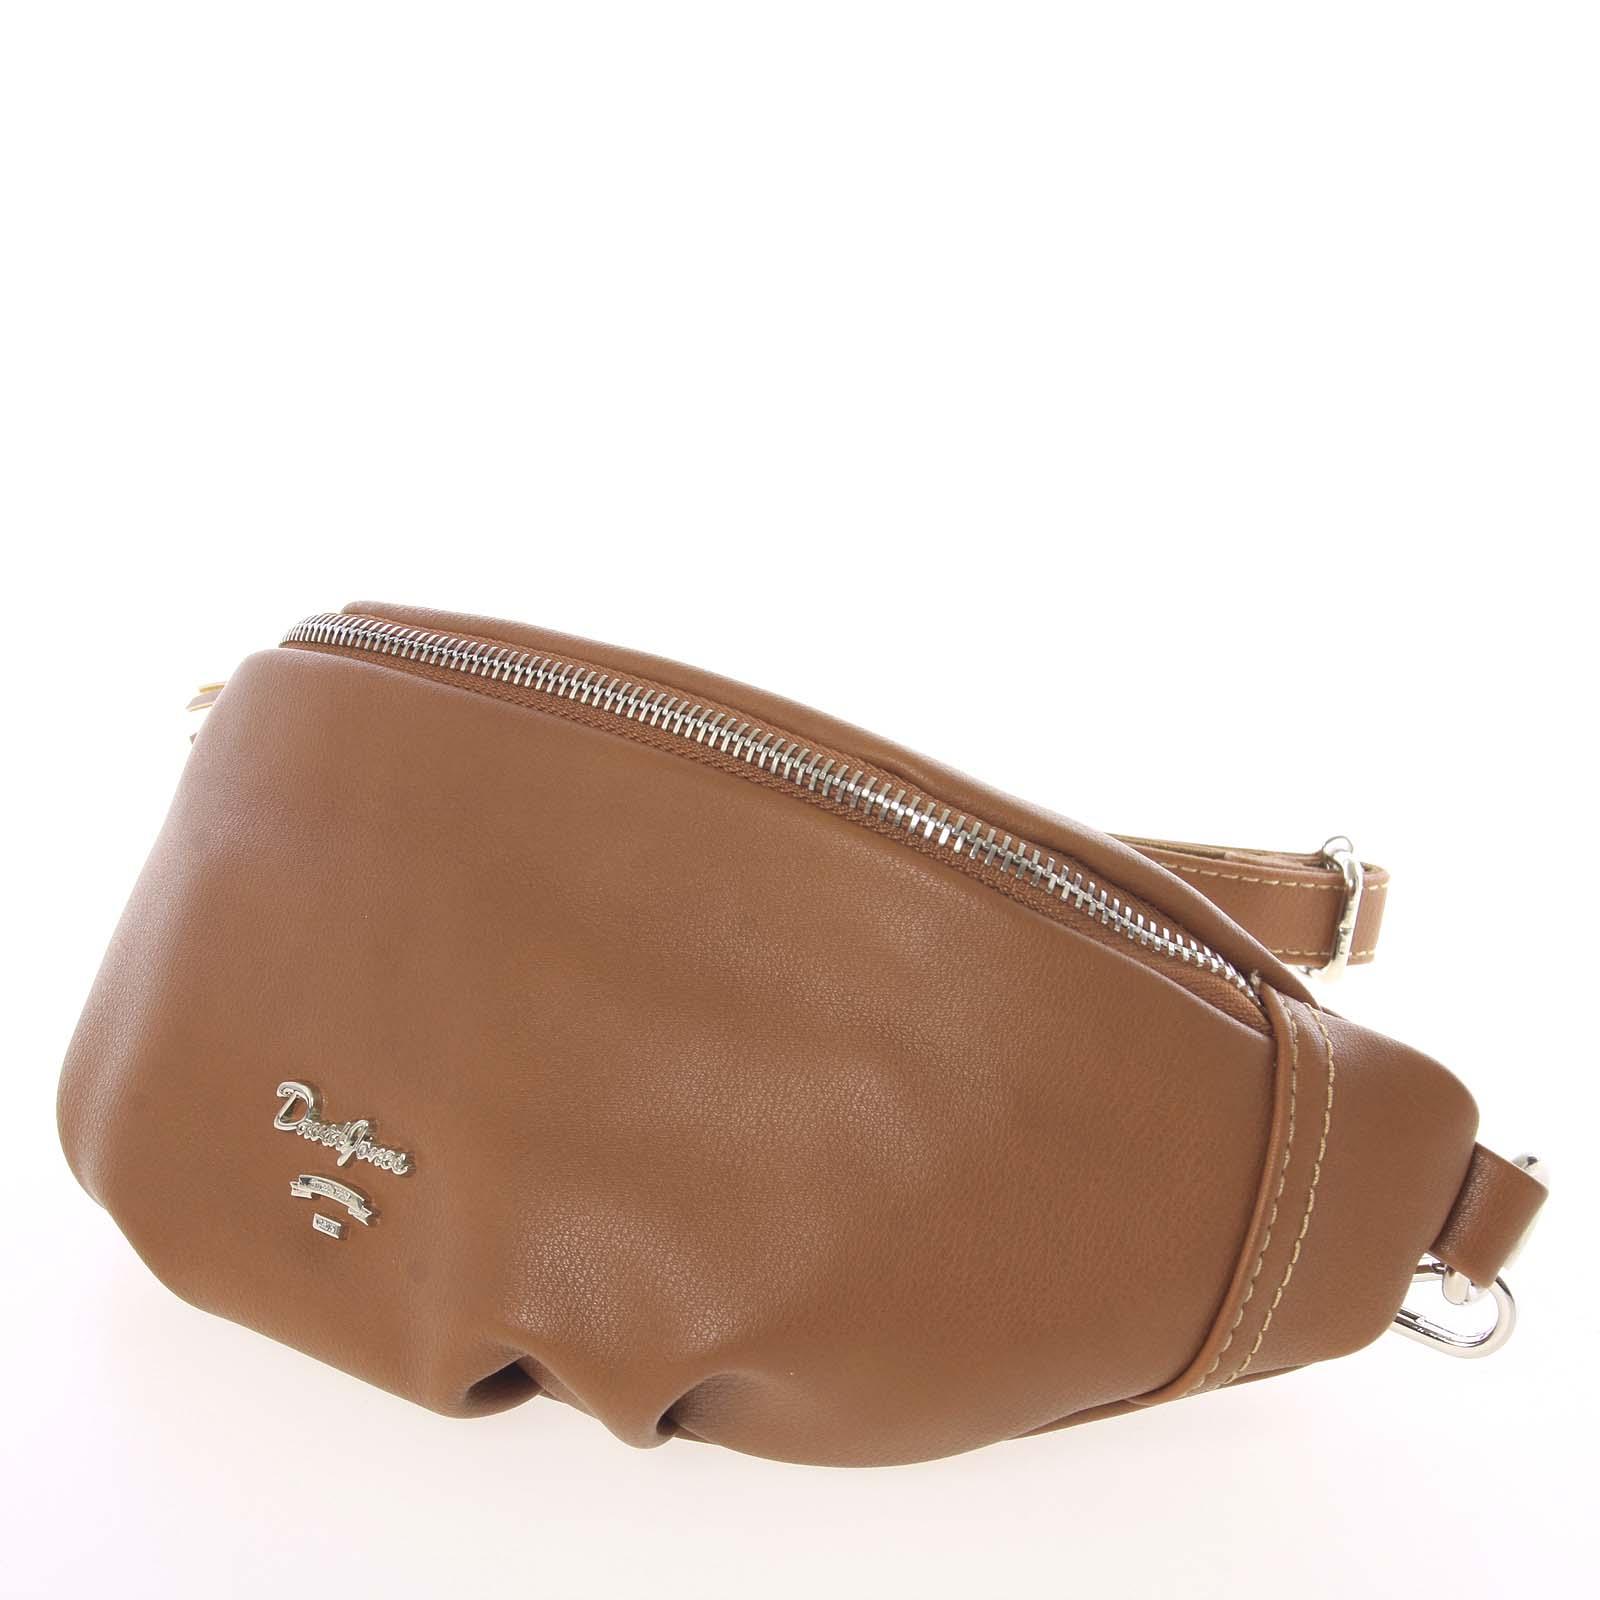 Vkusná tmavší koňaková ledvinková kabelka pro ženy - David Jones Kidney